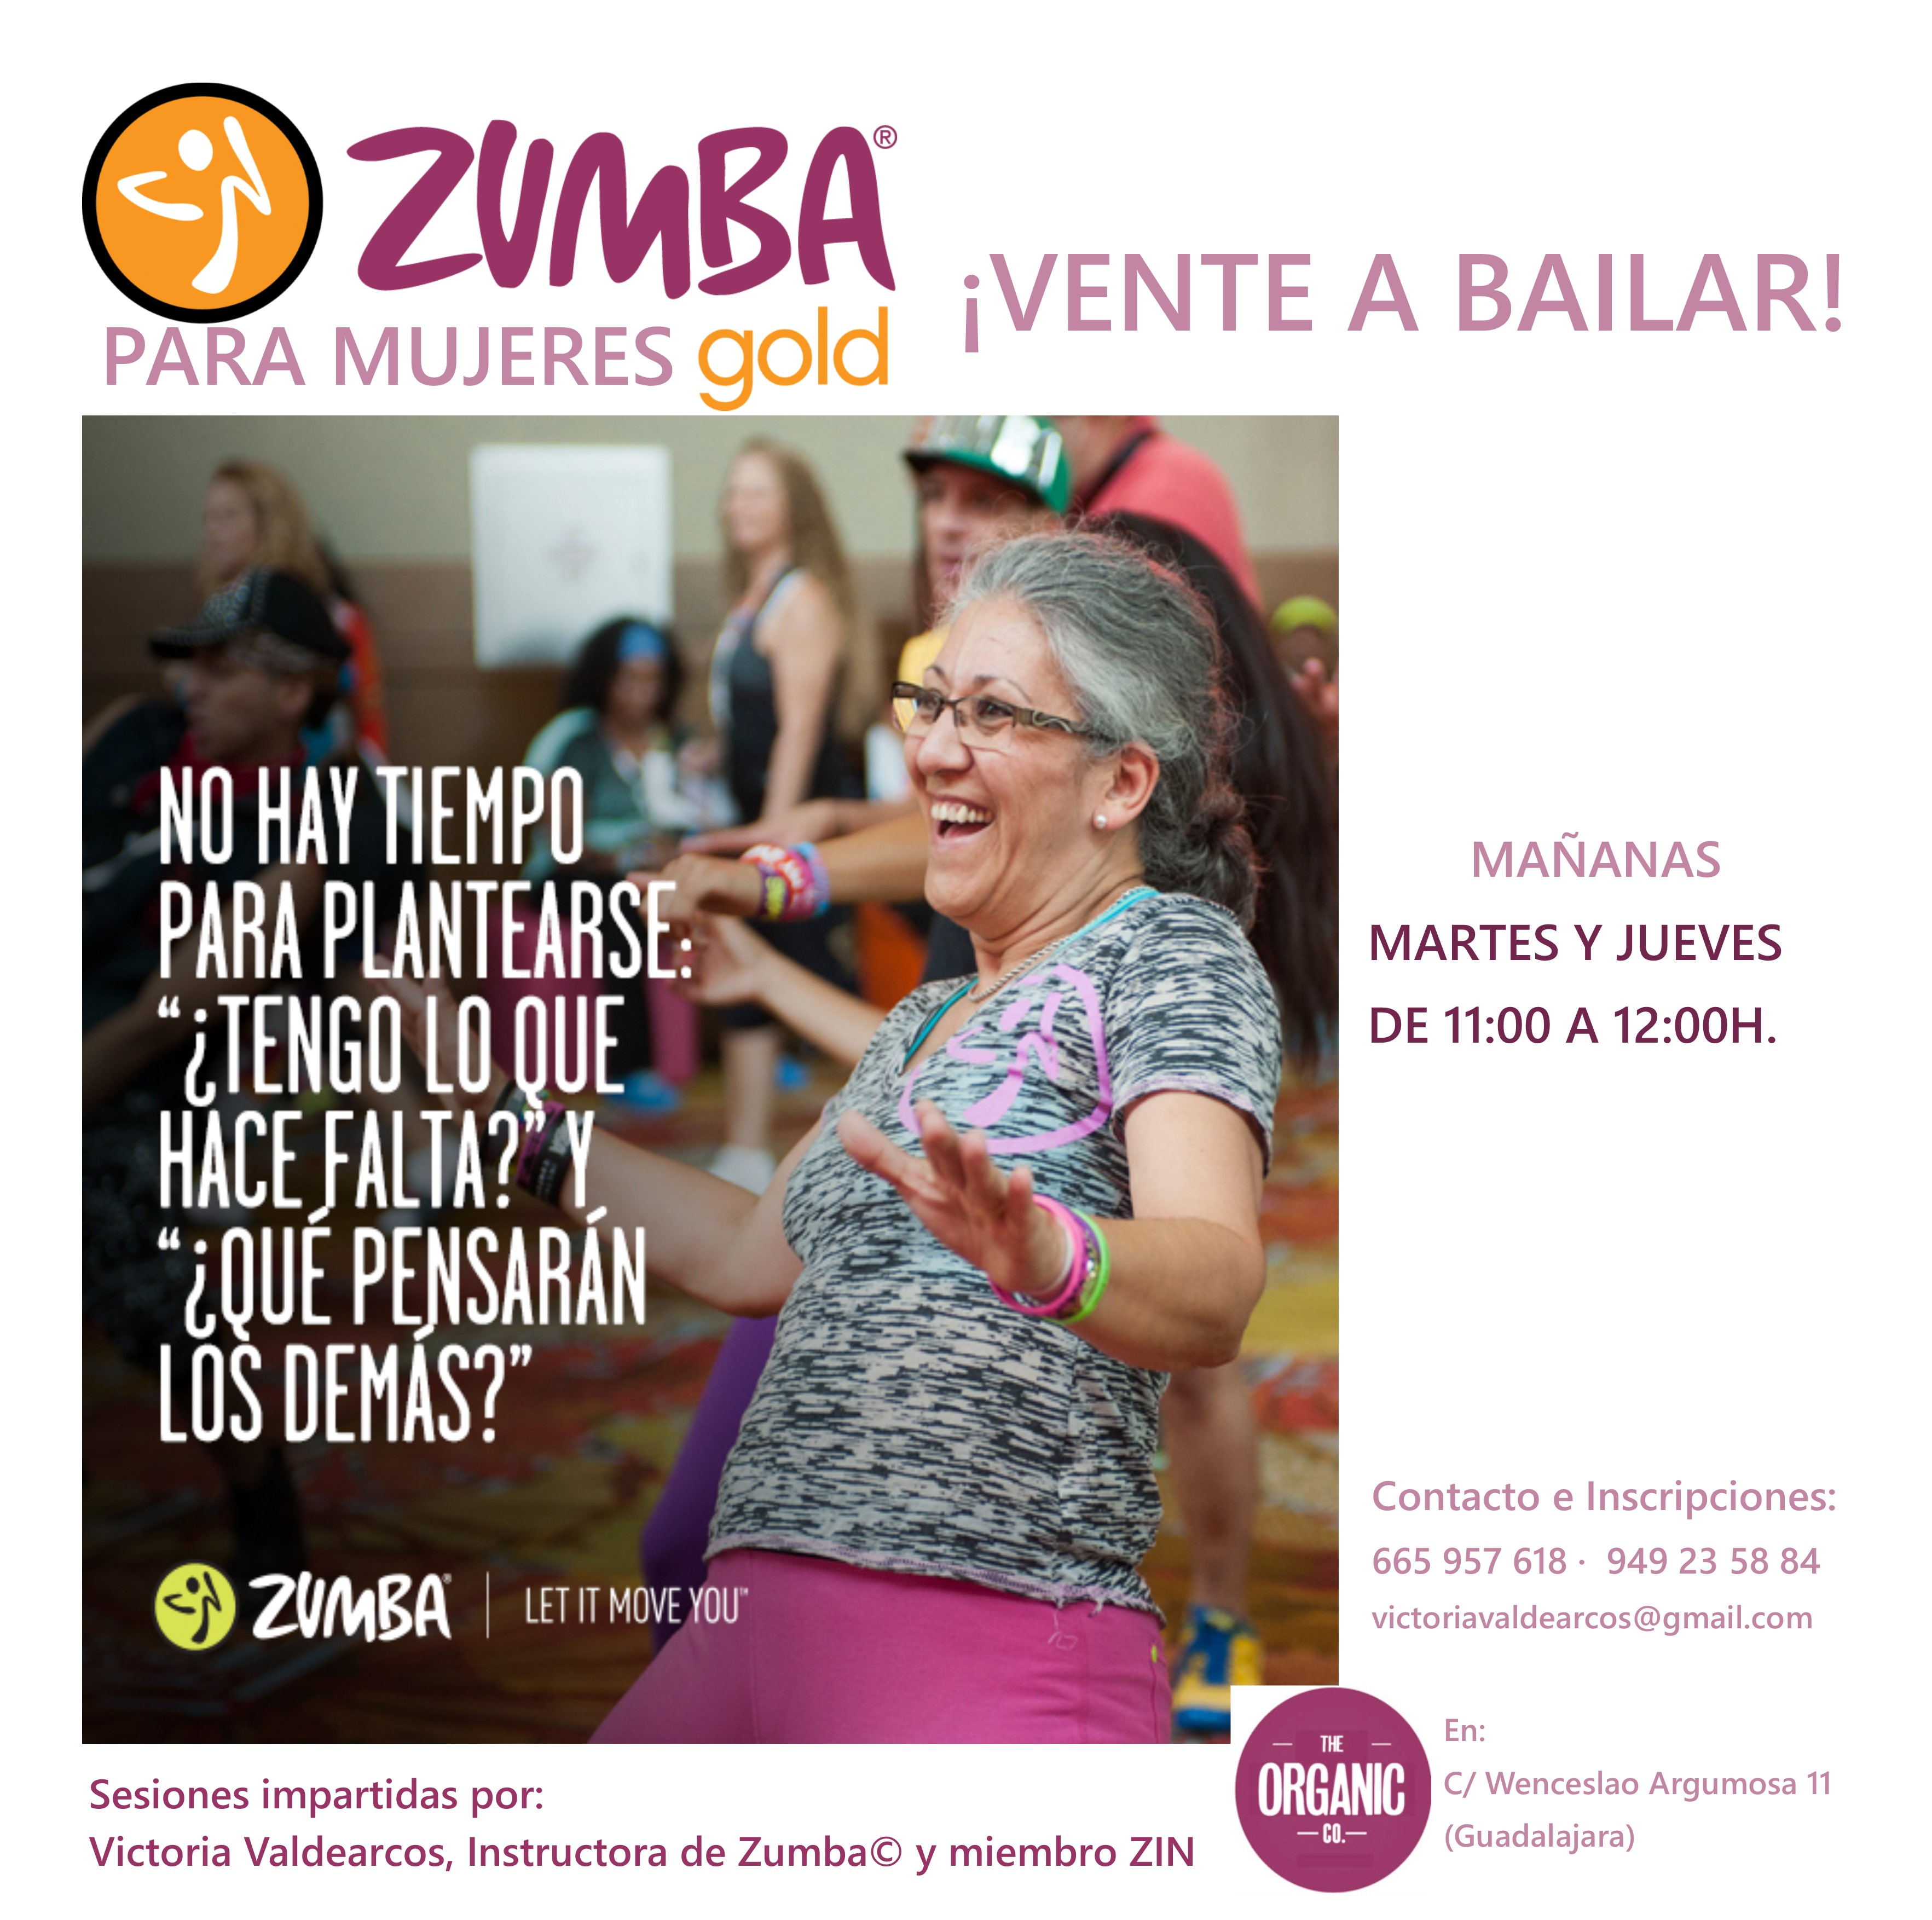 ZUMBA para mayores. MAÑANAS THE ORGANIC (Guadalajara)